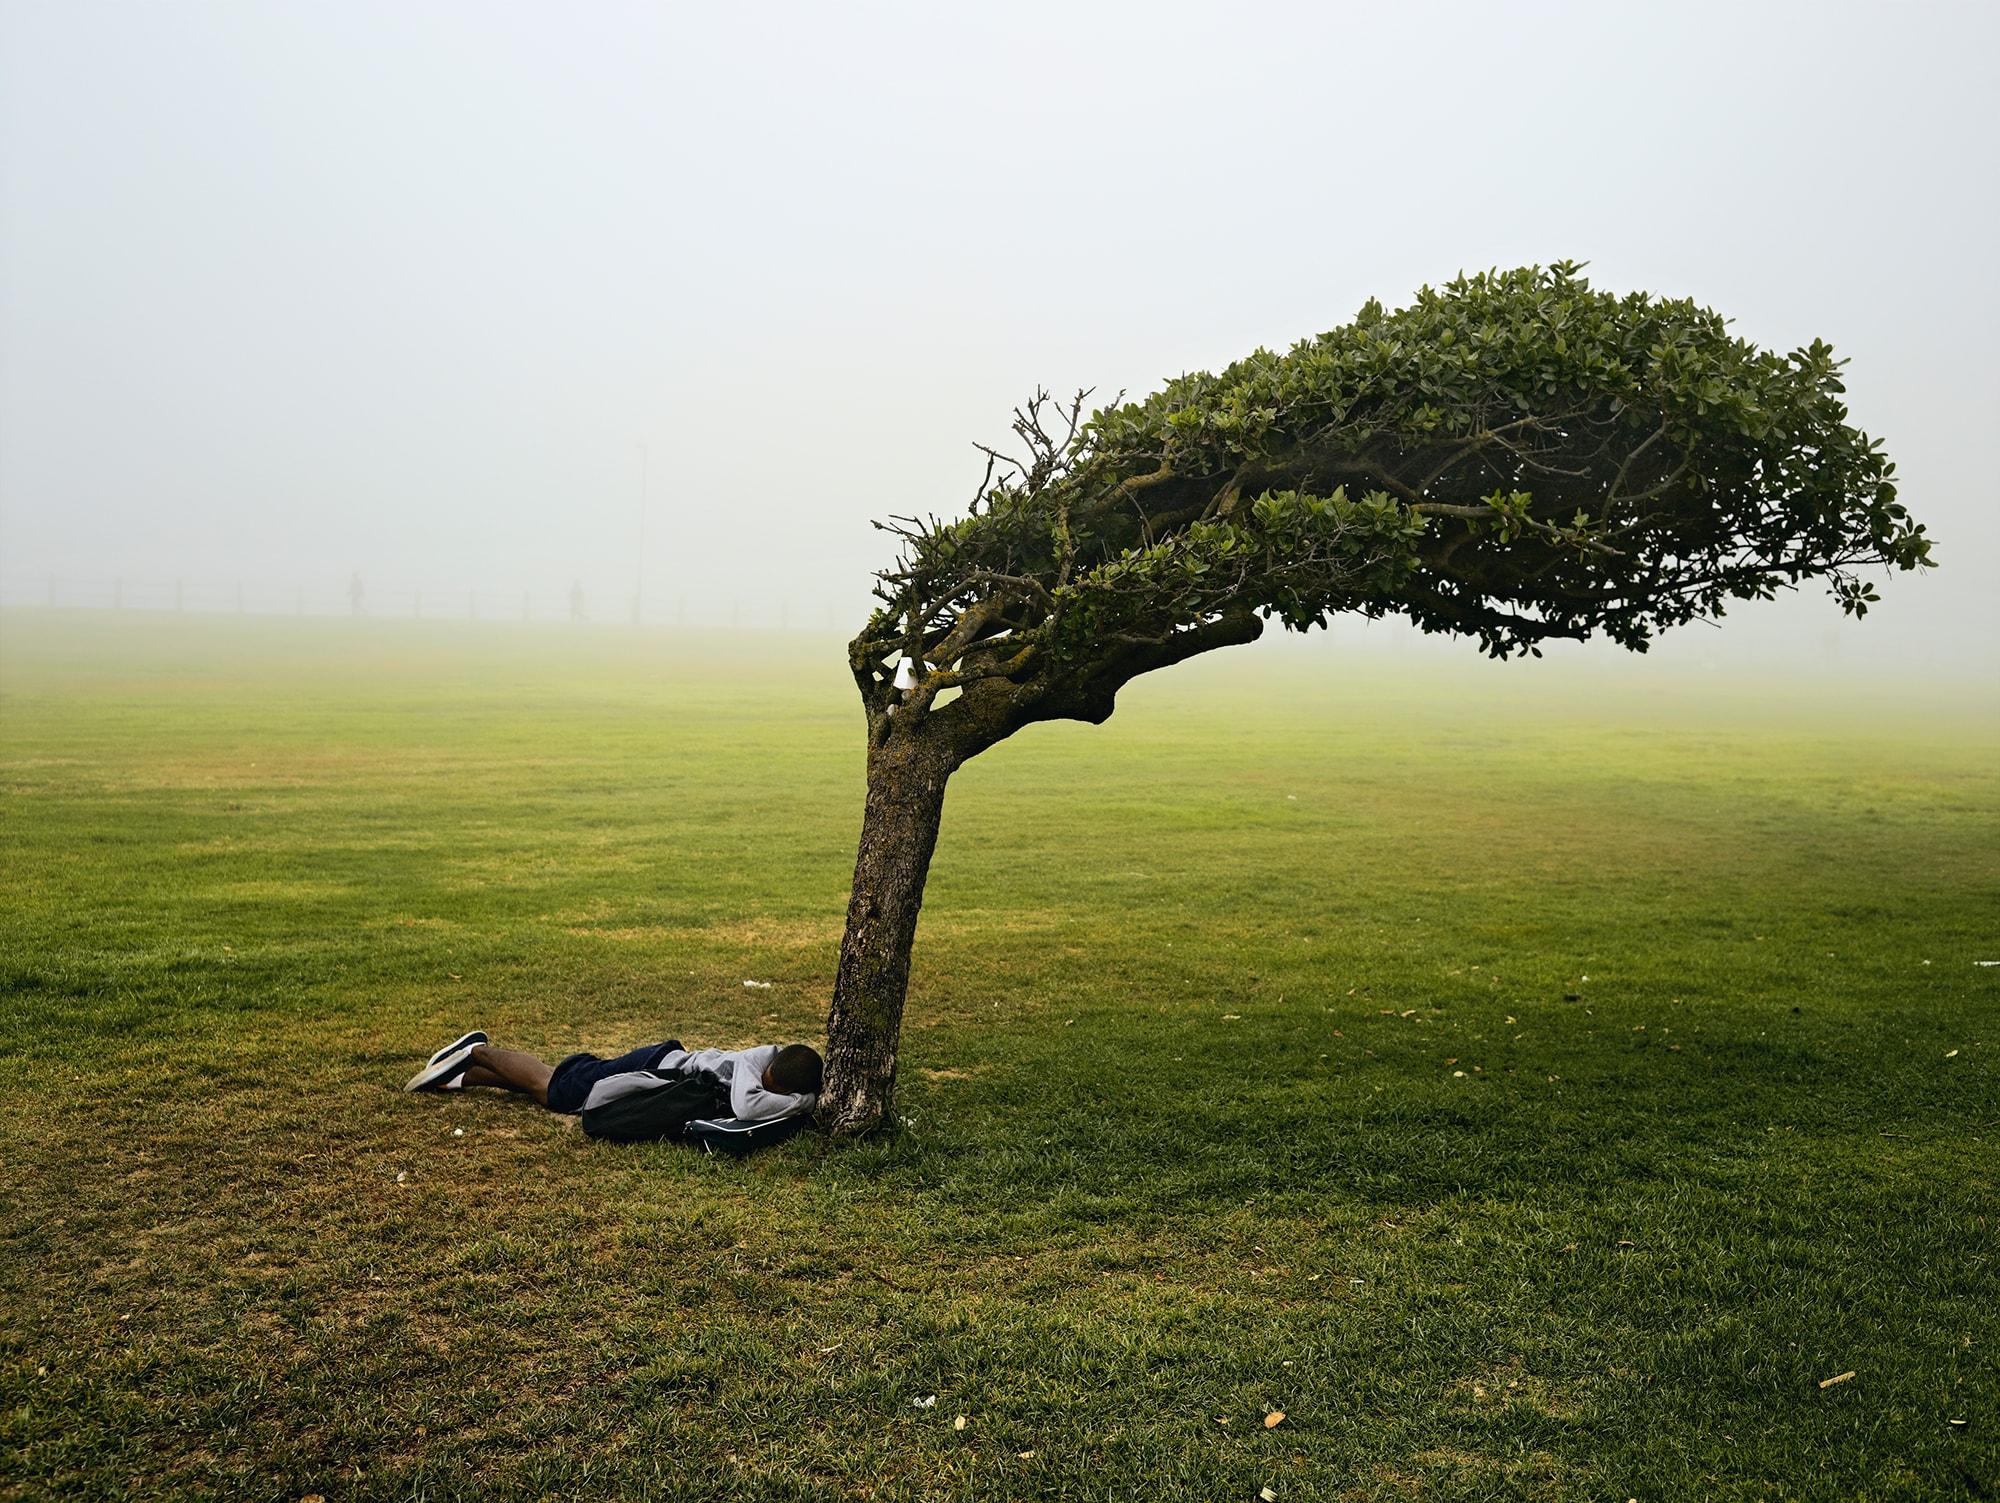 ピーター・ヒューゴの作品を通してSDGsってものを考えてみた | Green Point Common, Cape Town, 2013 (from the series KIN)